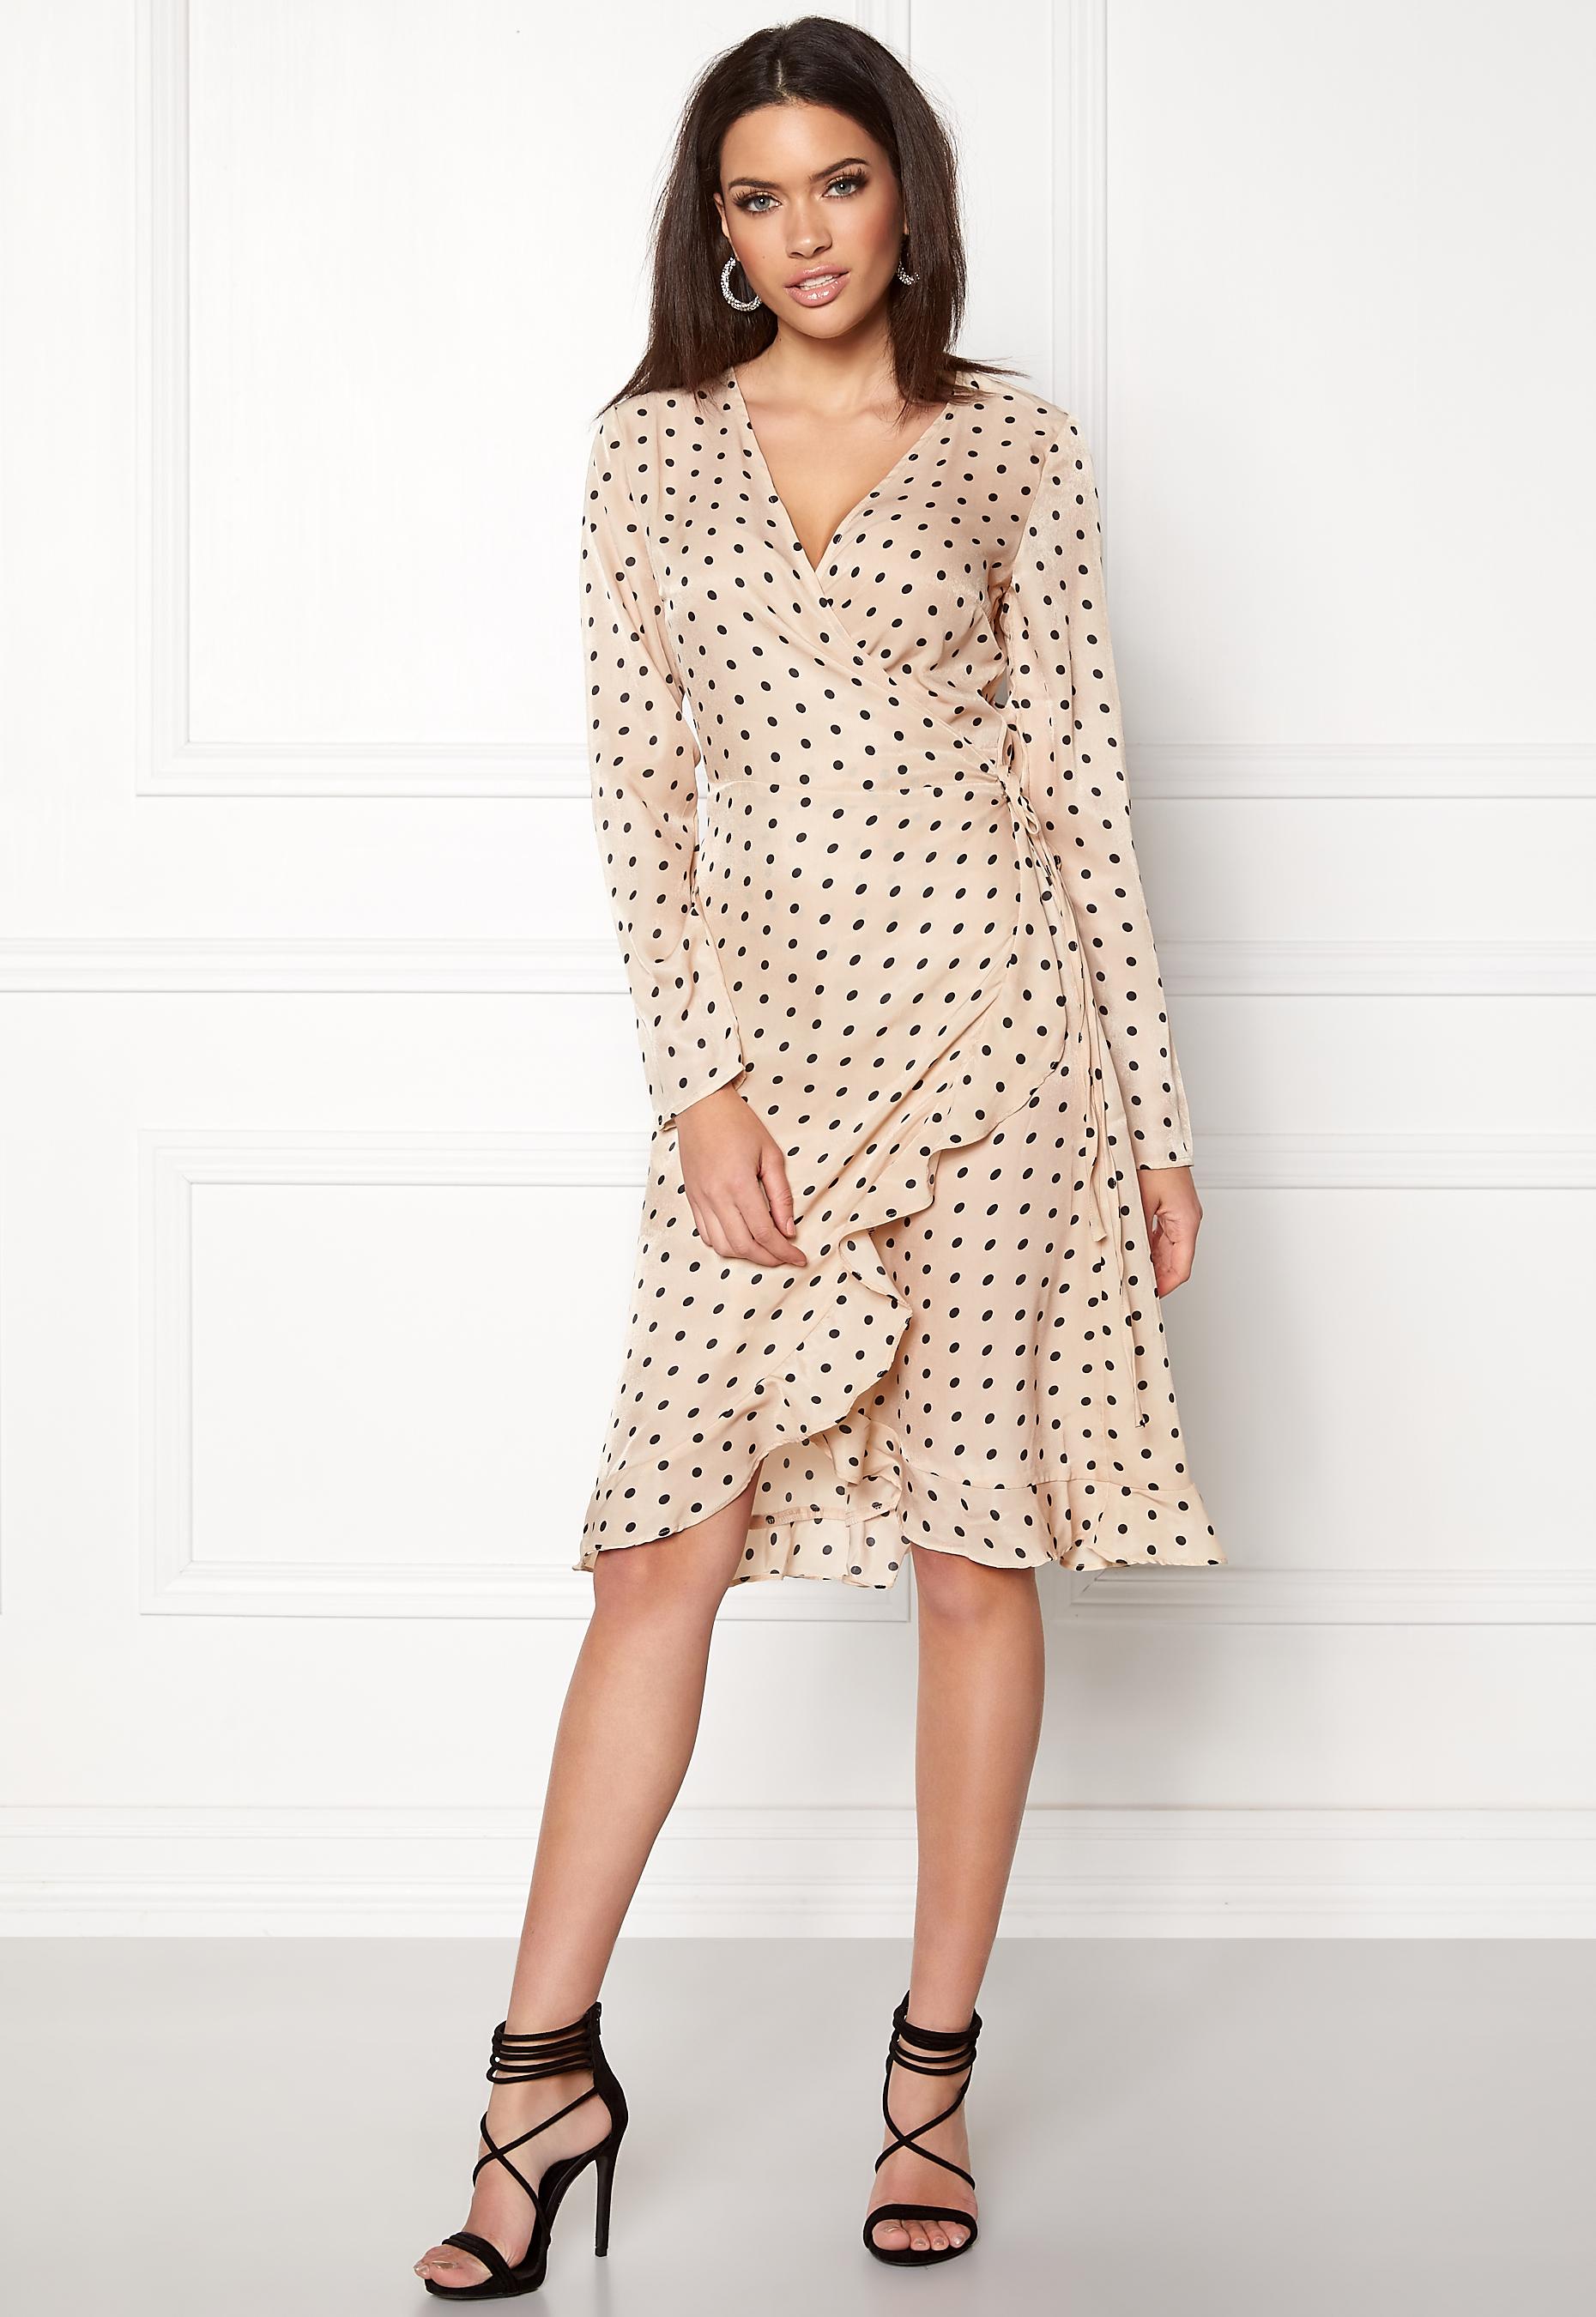 eb24d0148068 VILA Soap L S Dress Sandshell - Bubbleroom